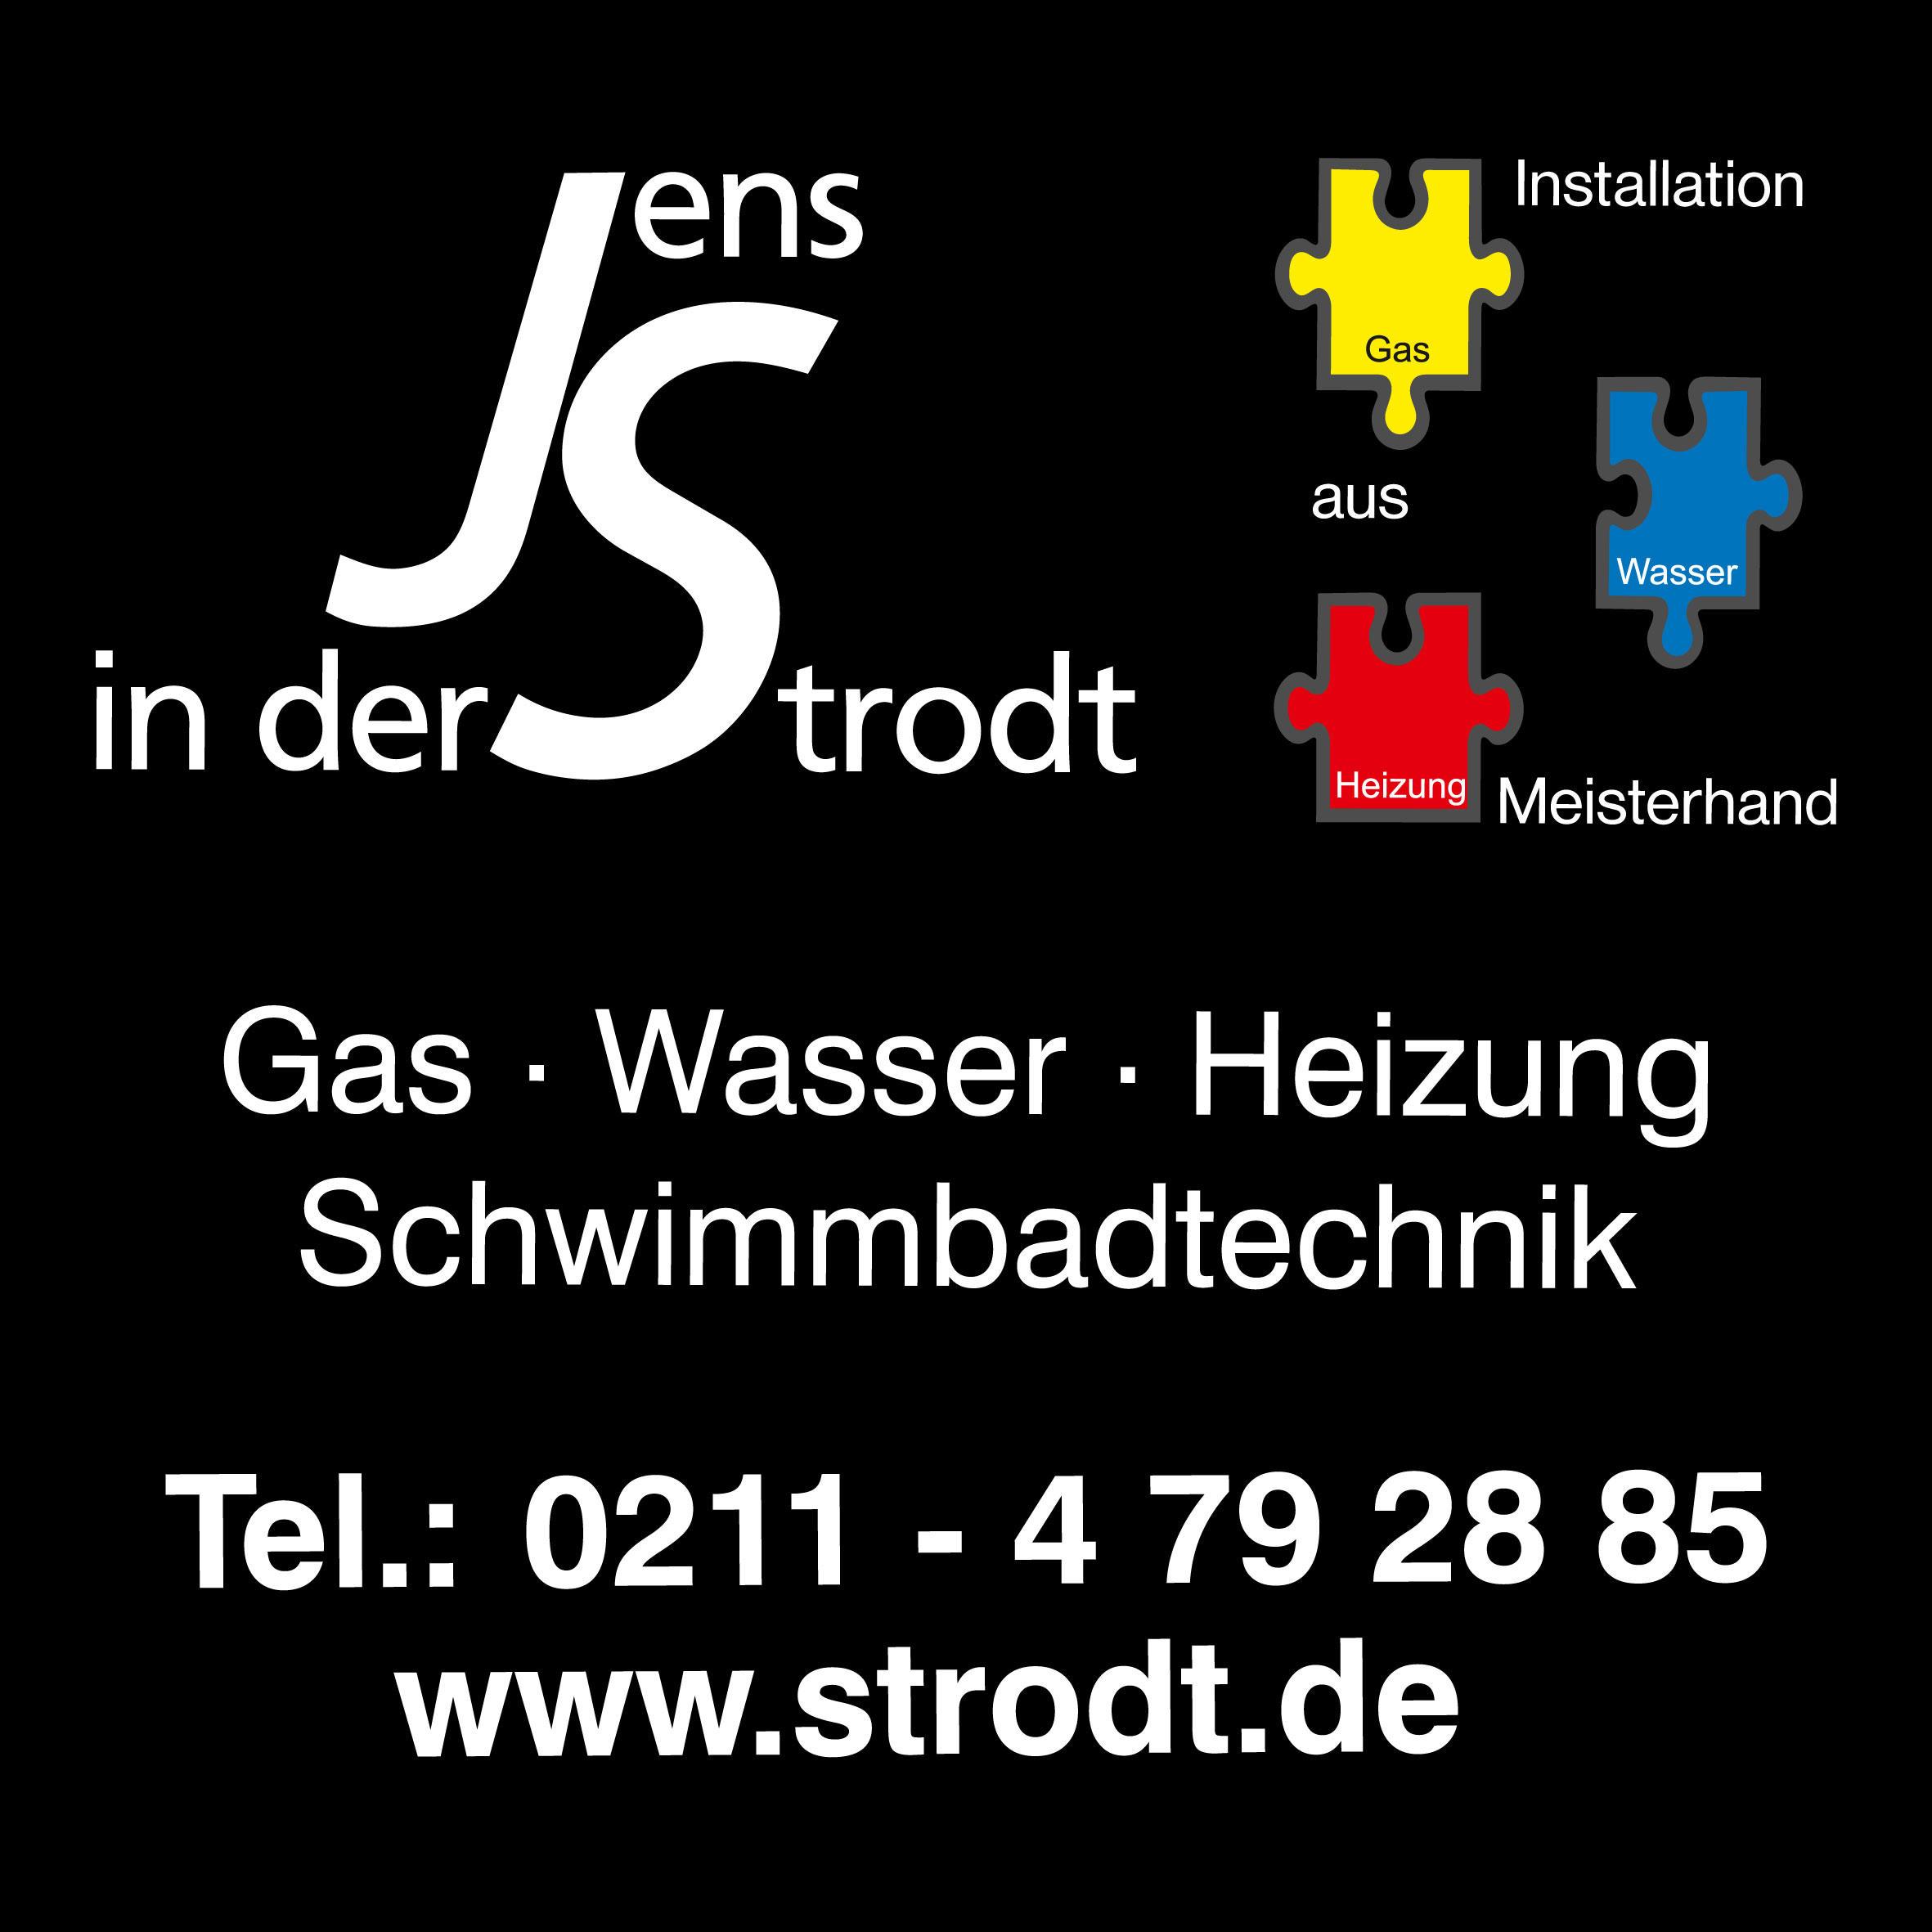 Bild zu Jens in der Strodt Gas-, Wasser-, Heizung-, Schwimmbadtechnik in Düsseldorf